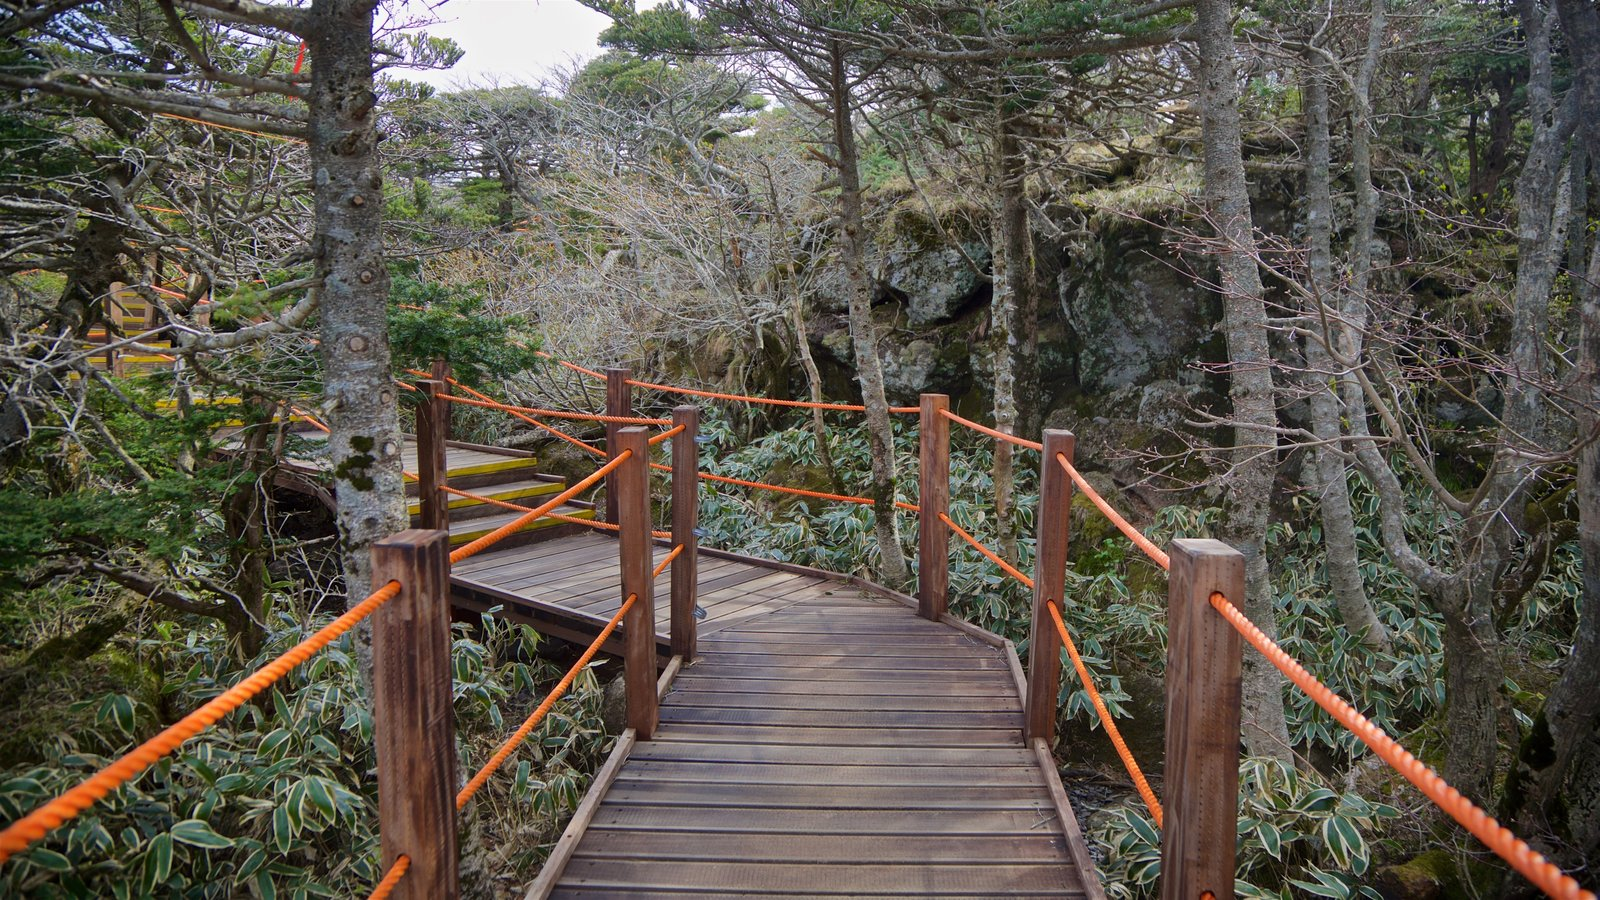 Parque Nacional de Hallasan mostrando bosques y un jardín